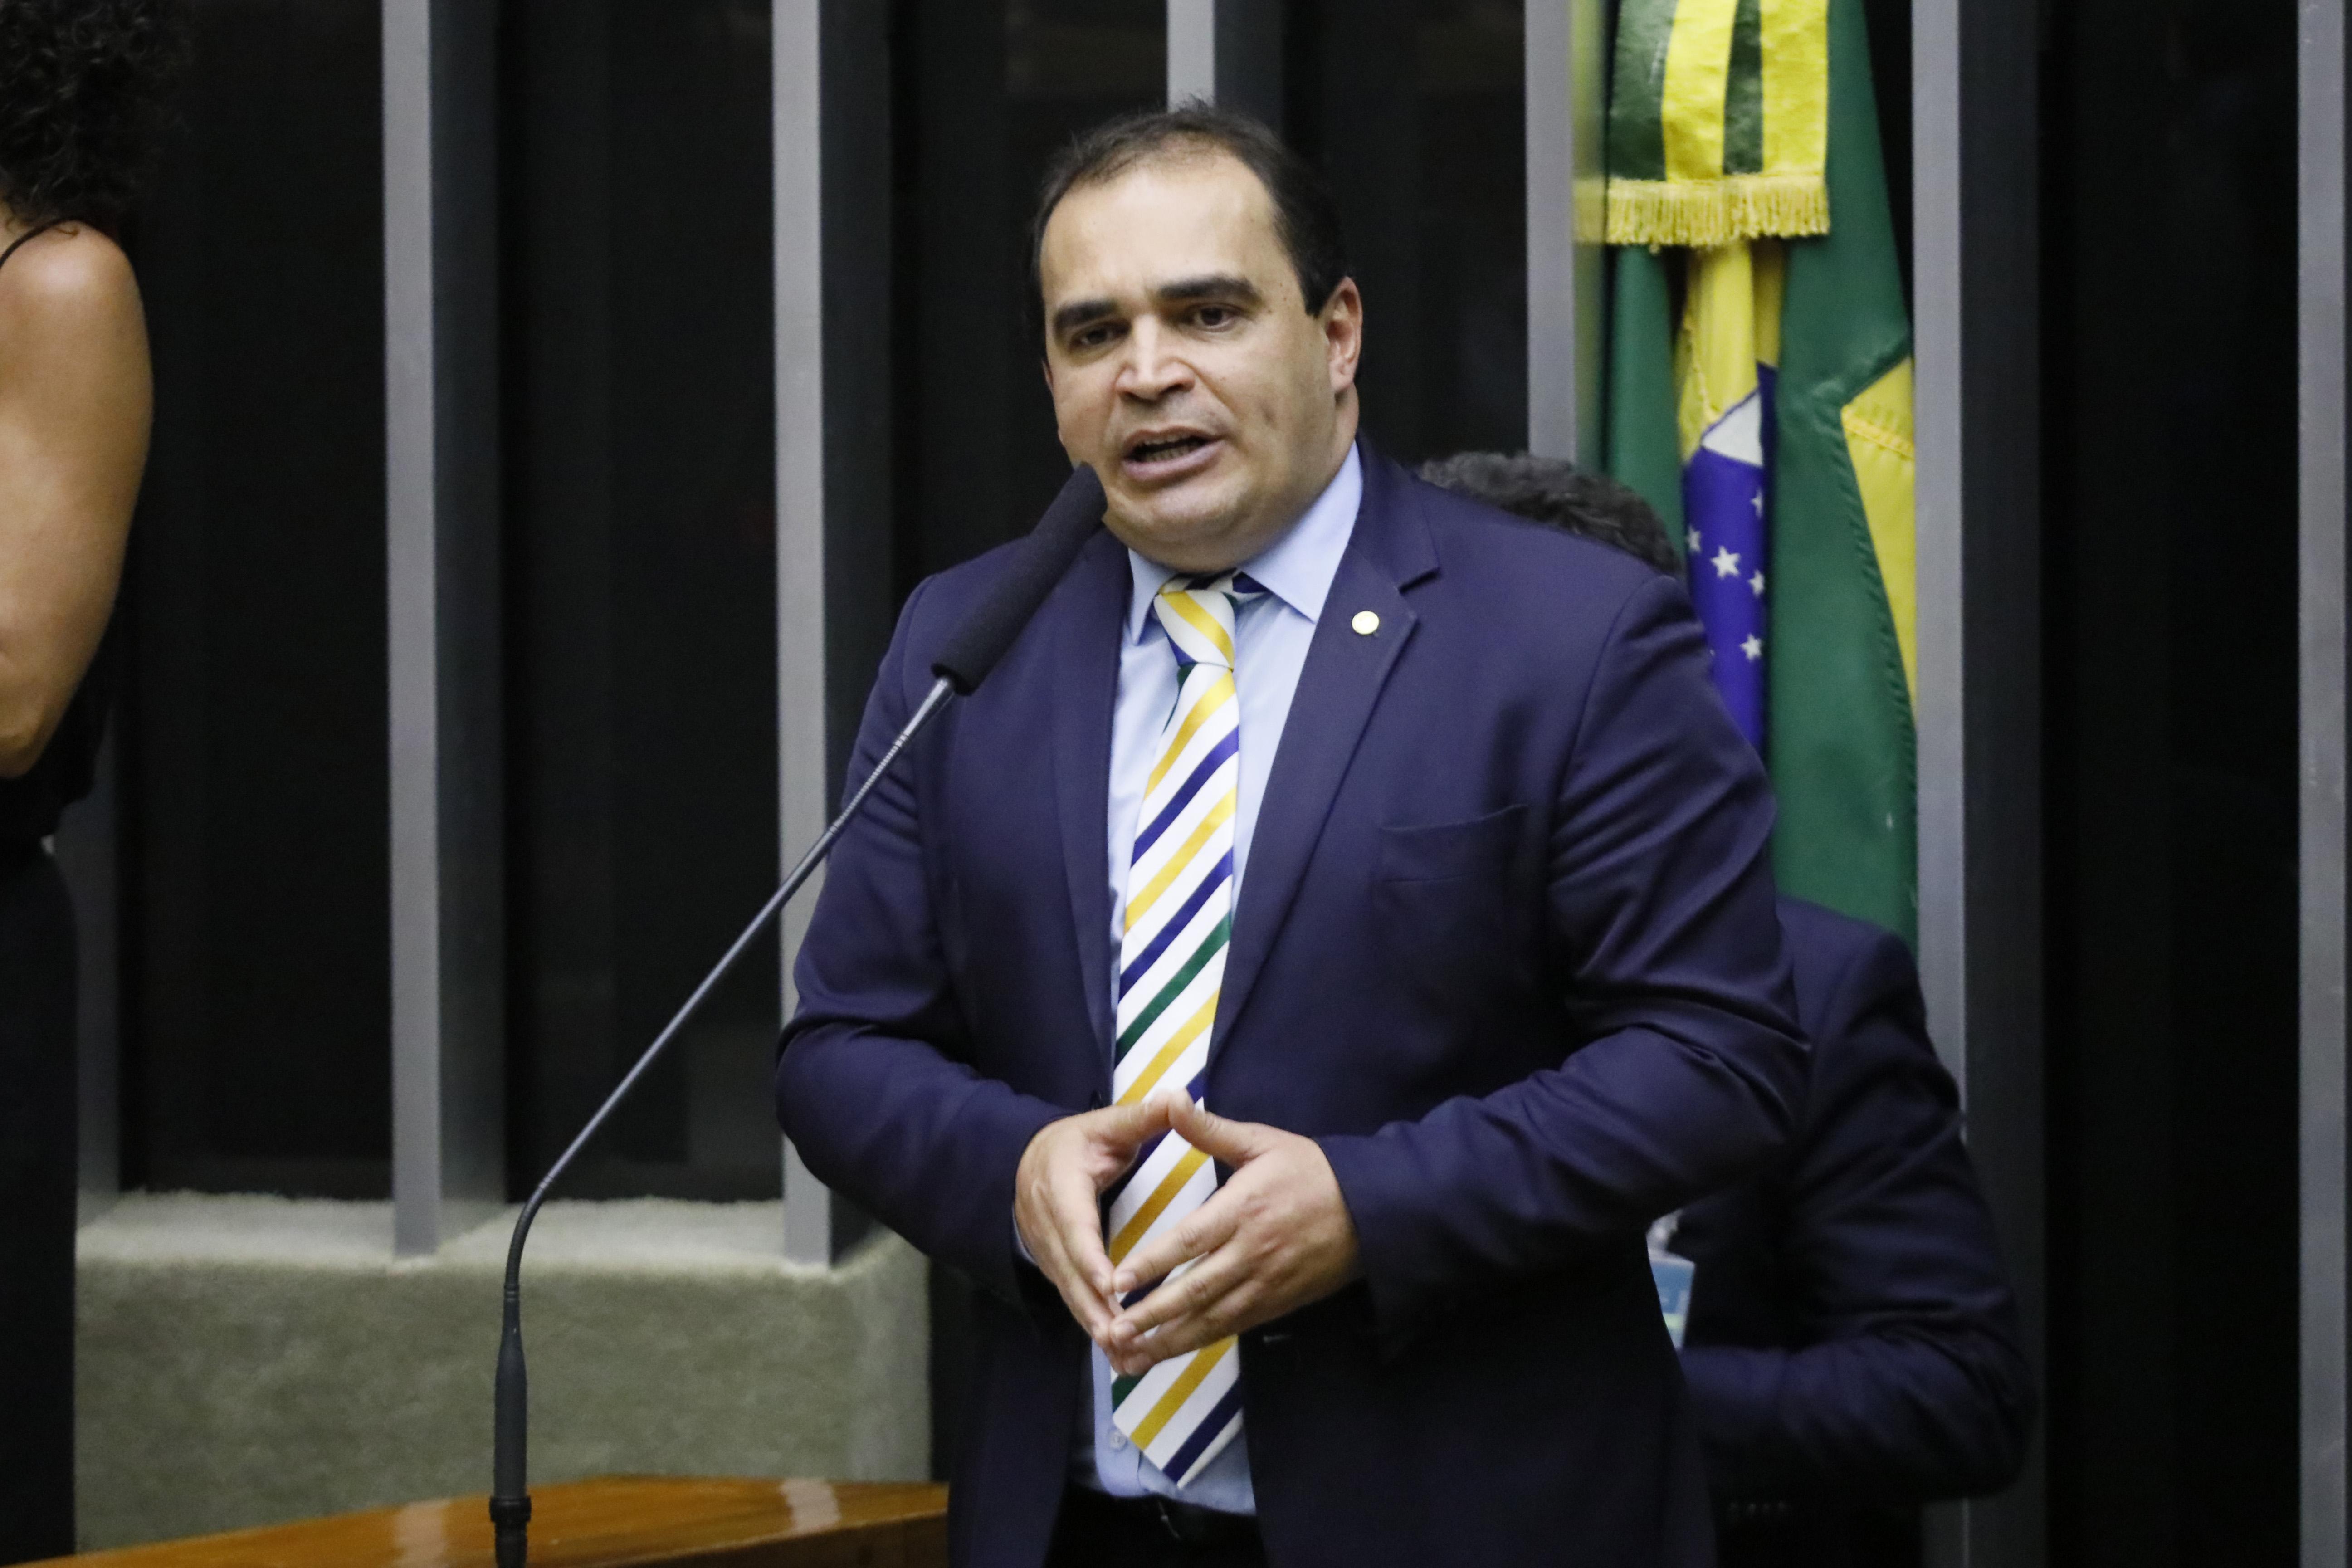 Deputado Delegado Marcelo Freitas discursa no Plenário da Câmara